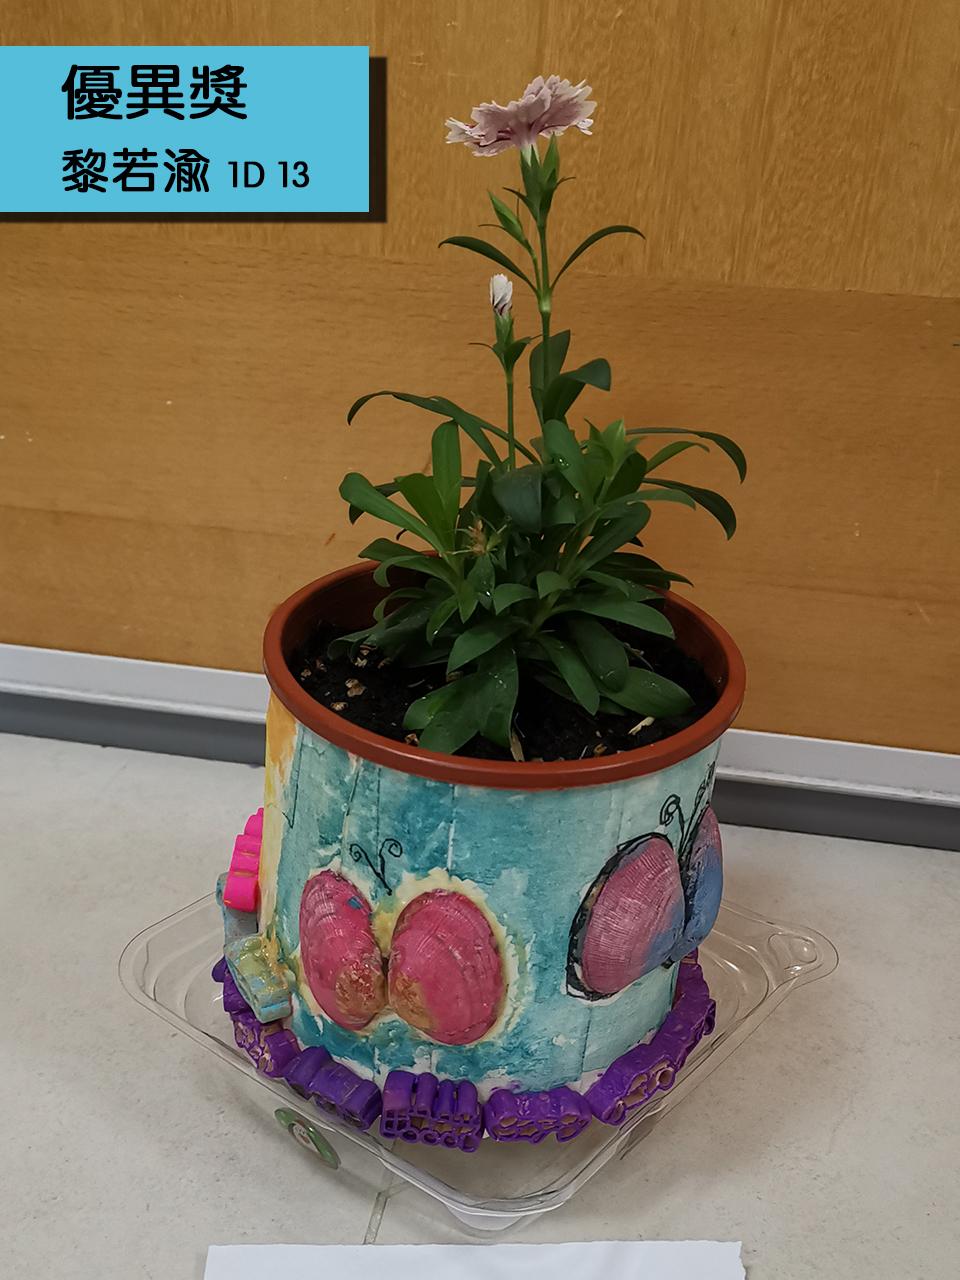 https://plkcjy.edu.hk/sites/default/files/you_yi_jiang_1d_13_li_ruo_yu_.jpg